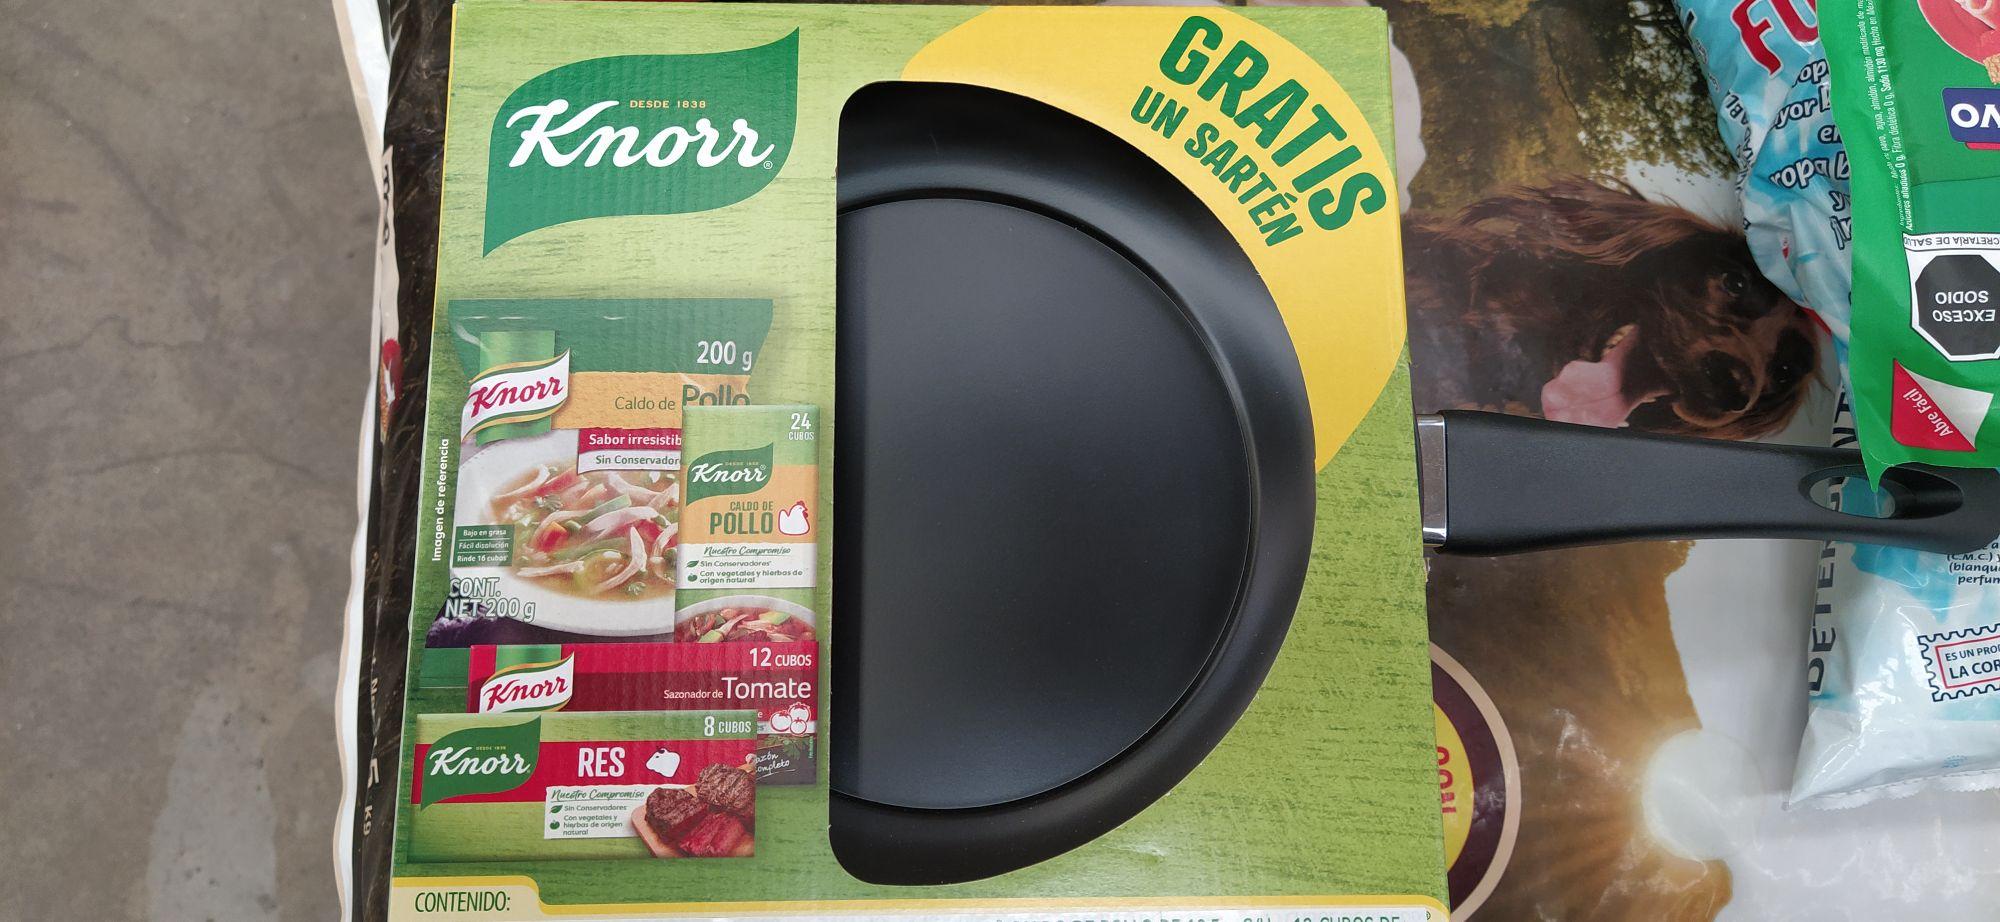 Soriana // Sazonadores Knor + Sarten + Caldo de pollo